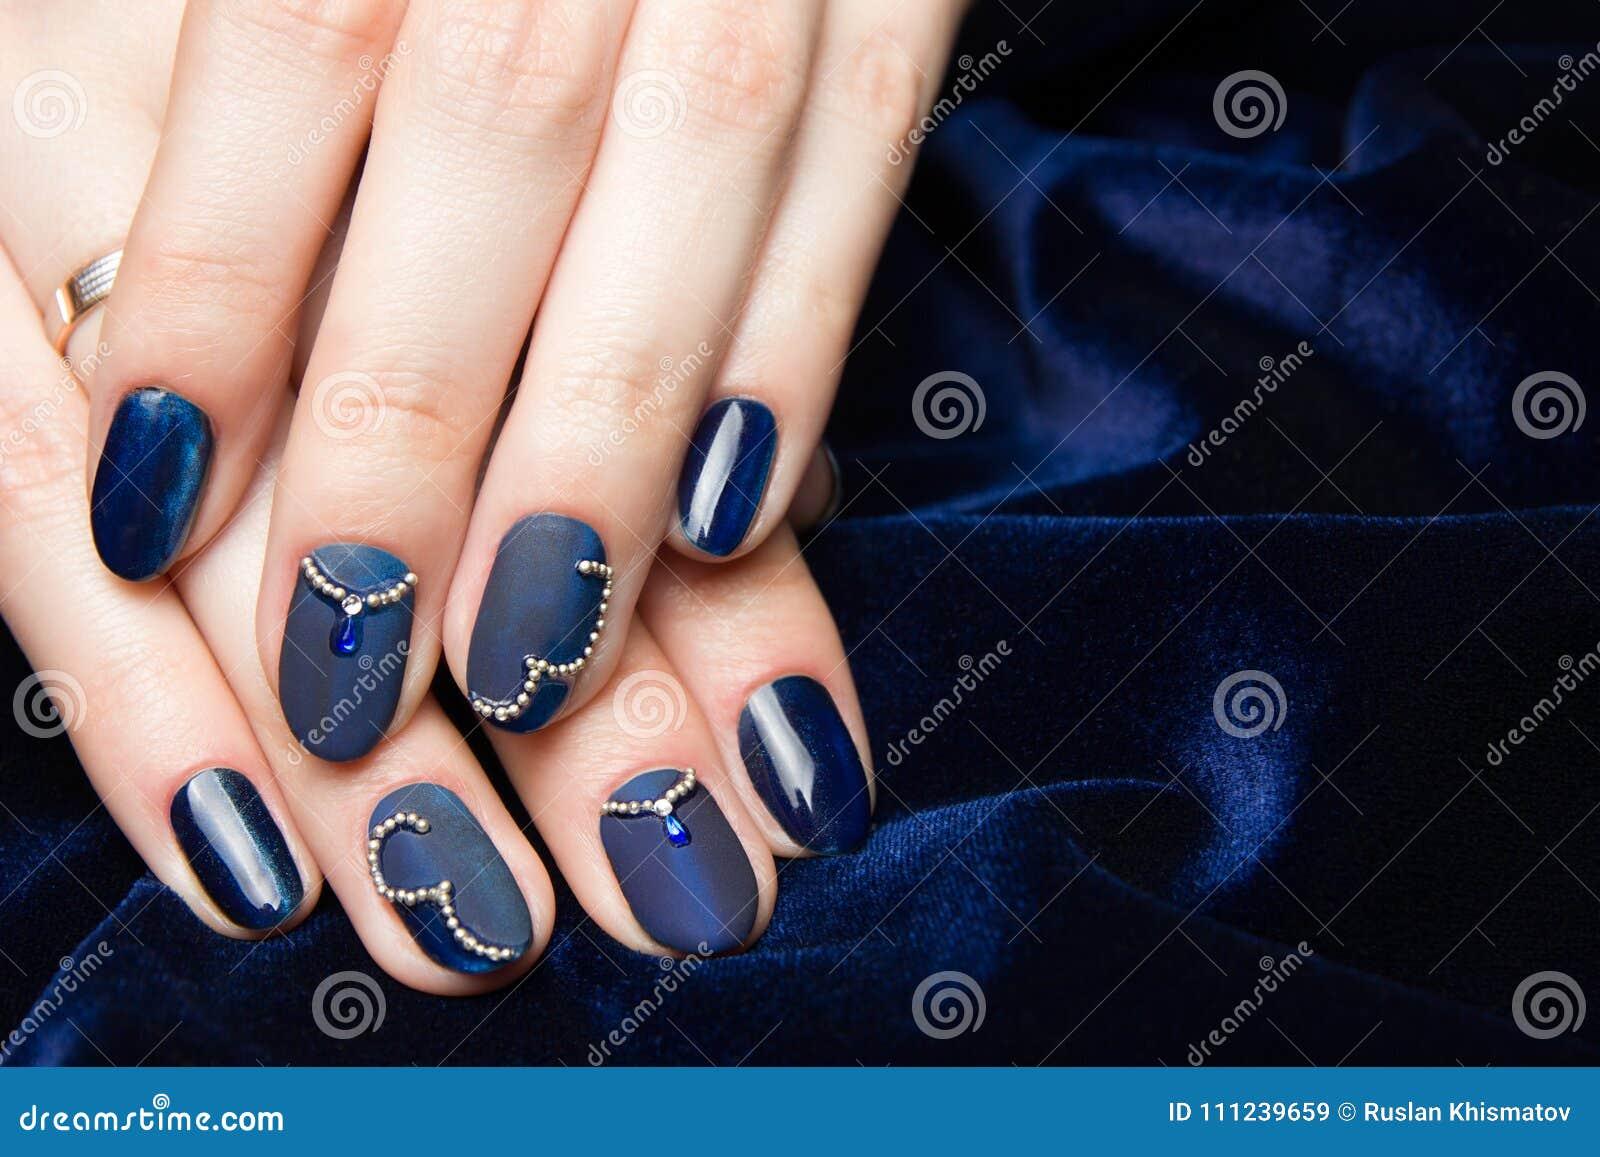 Französische Maniküre - schöne manikürte weibliche Hände mit blauer Maniküre mit Bergkristallen auf dunkelblauem Hintergrund